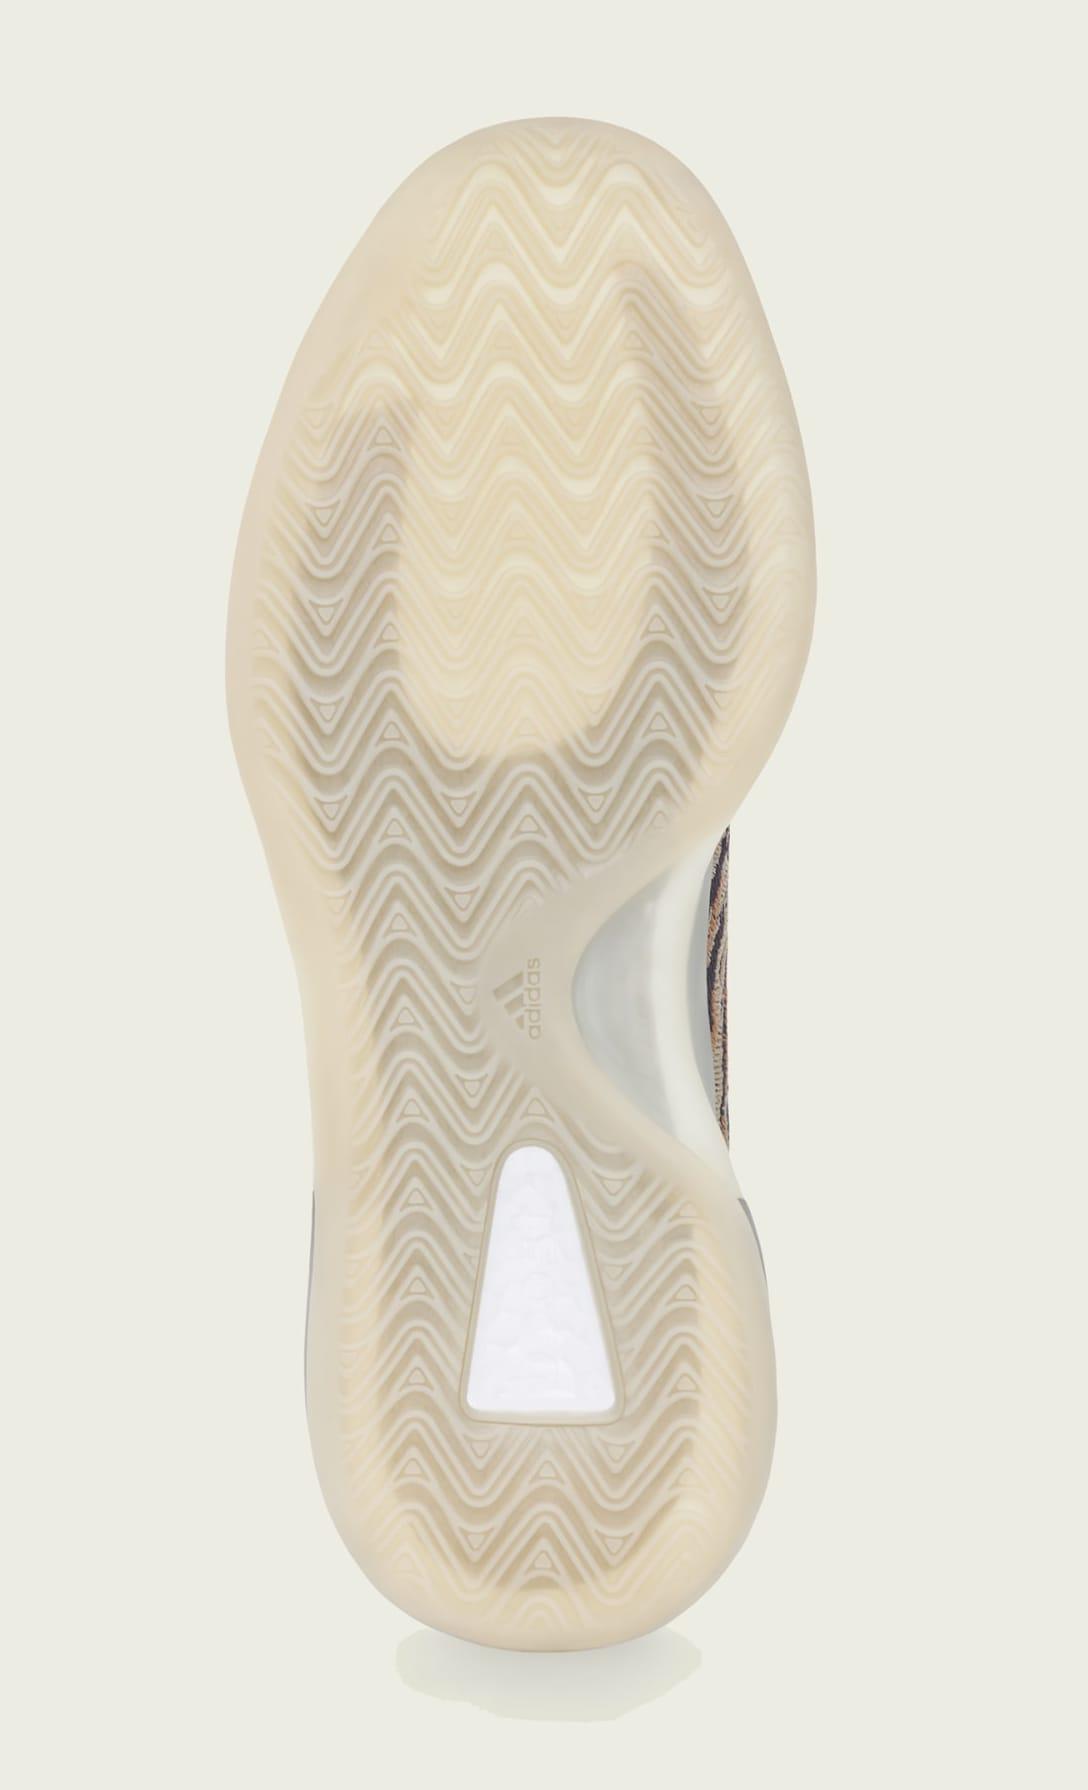 Adidas Yeezy QNTM 'Flash Orange' GW5314 Outsole